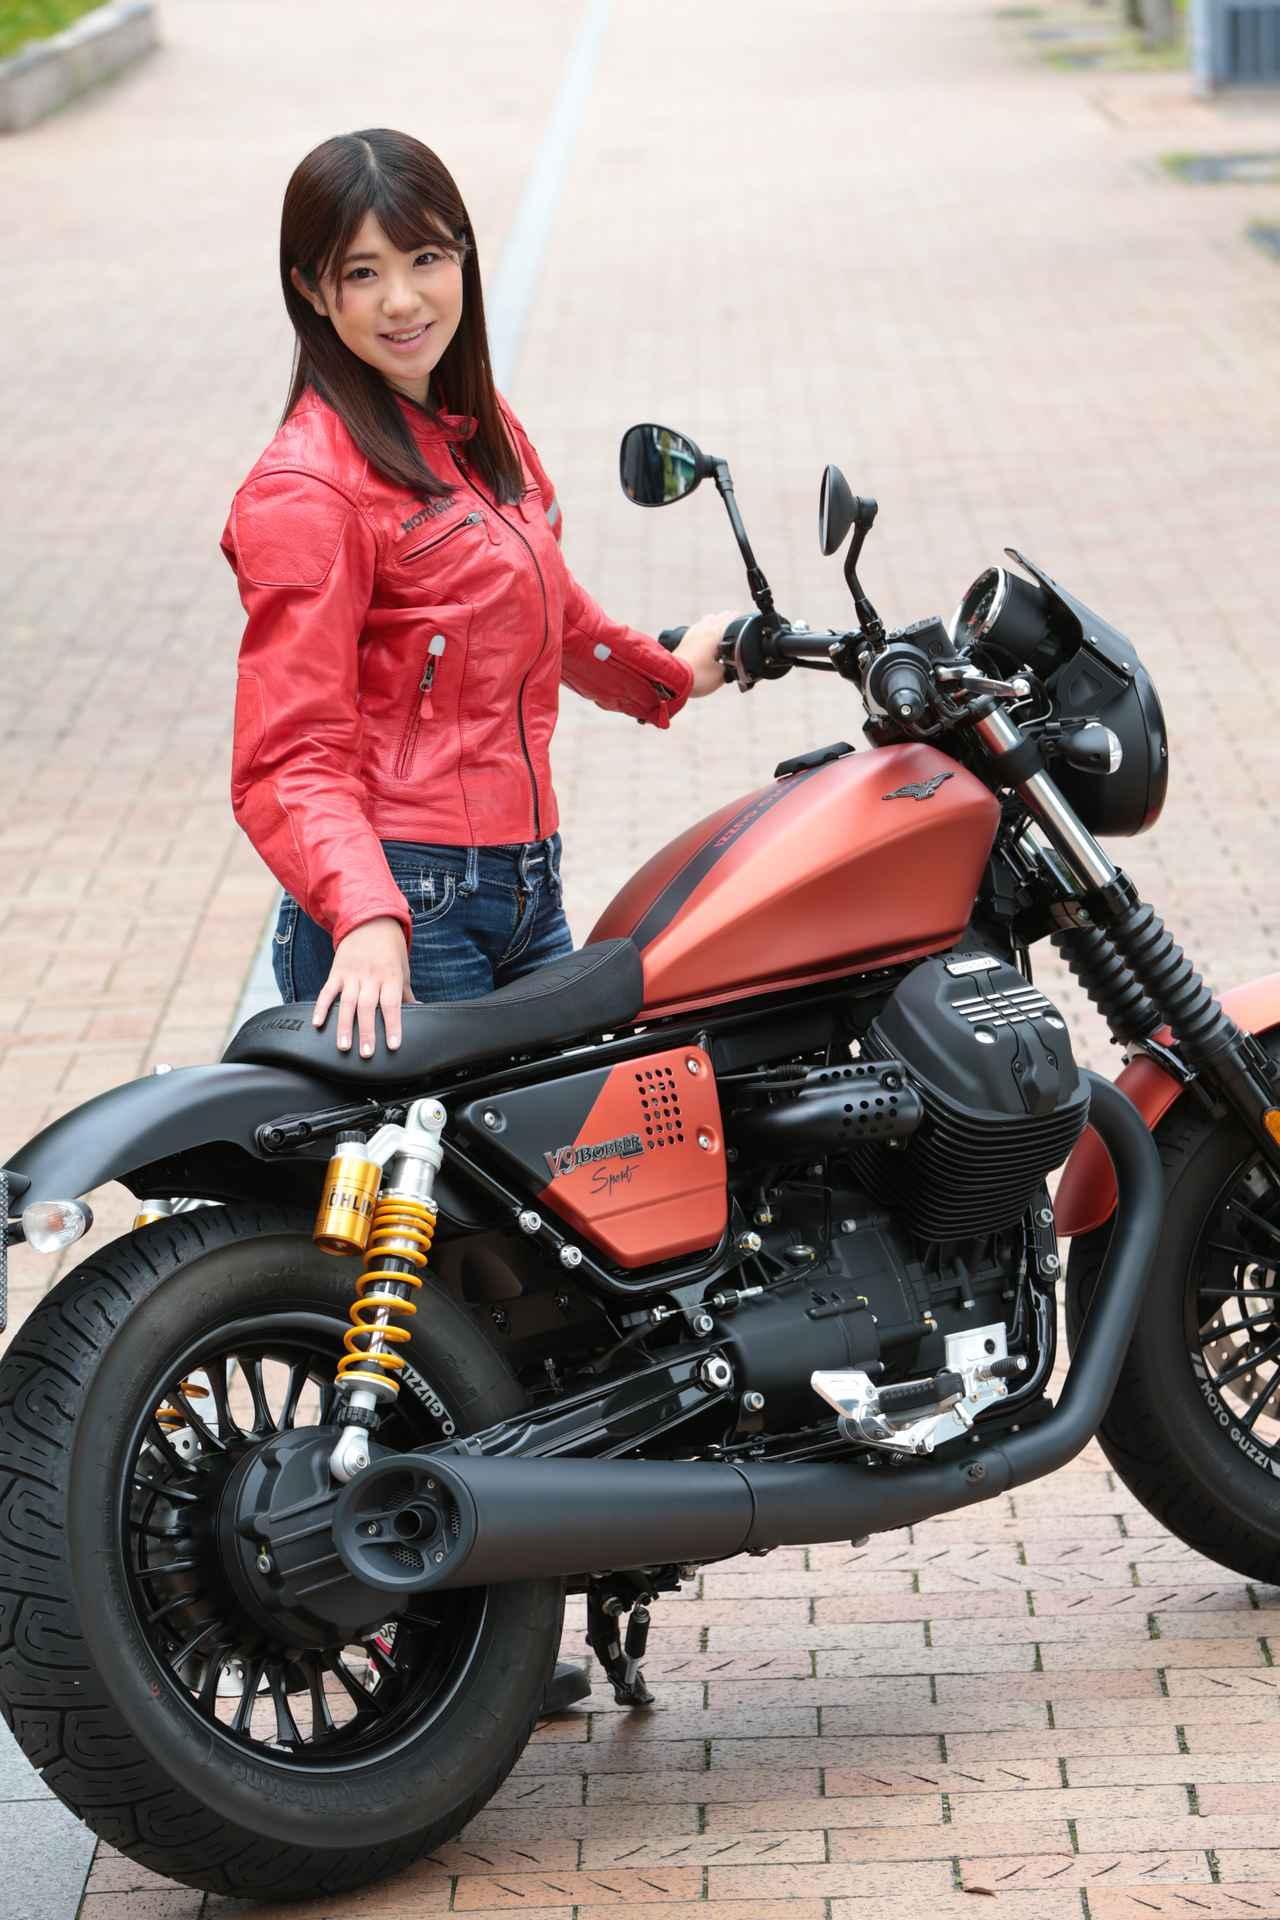 Images : 10番目の画像 - 「このエンジン大好きかも??【動画】ほぼ月刊「梅本まどかとオートバイ」vol.17 MOTO GUZZI☆V9ボバースポーツ」のアルバム - webオートバイ